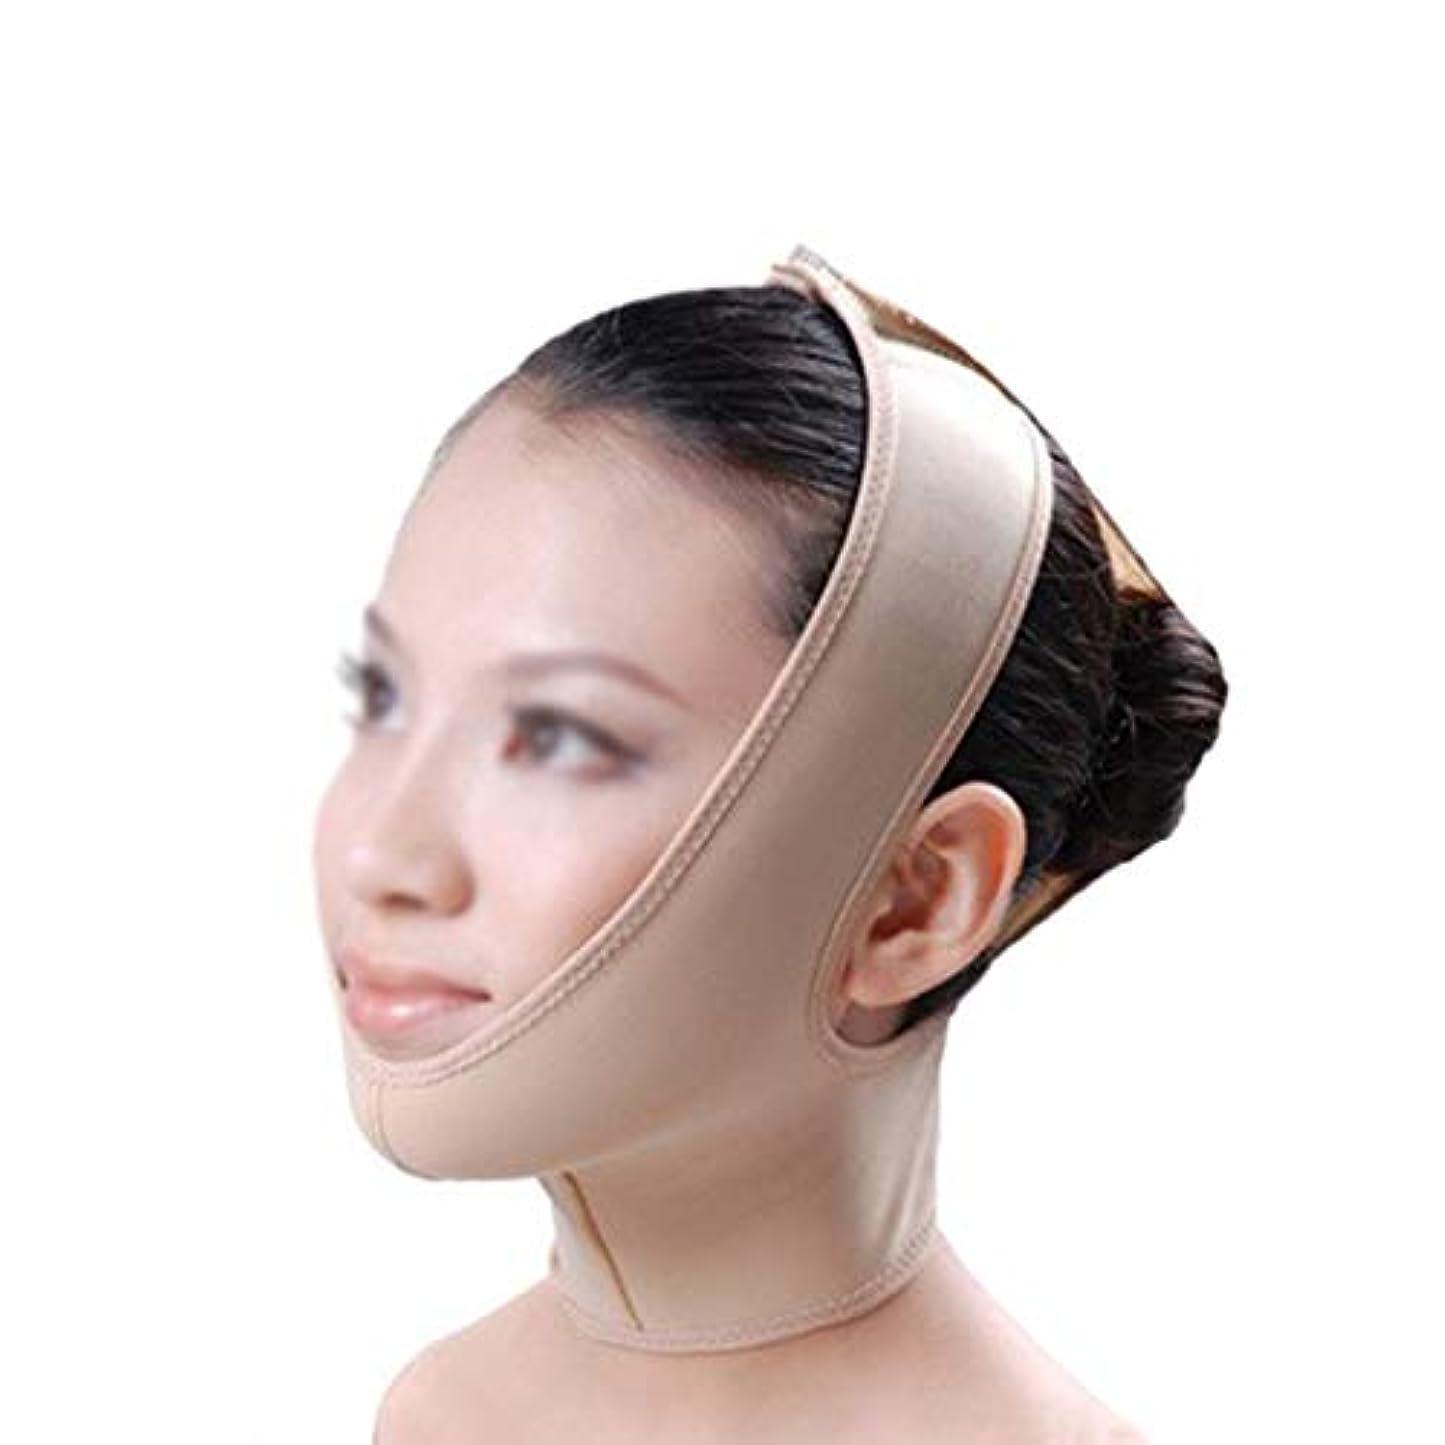 前件混乱した適切なダブルチンストラップ、包帯リフト、引き締めフェイシャルリフト、フェイシャル減量マスク、リフティングスキン包帯,男性と女性の両方が使用できます (Size : M)